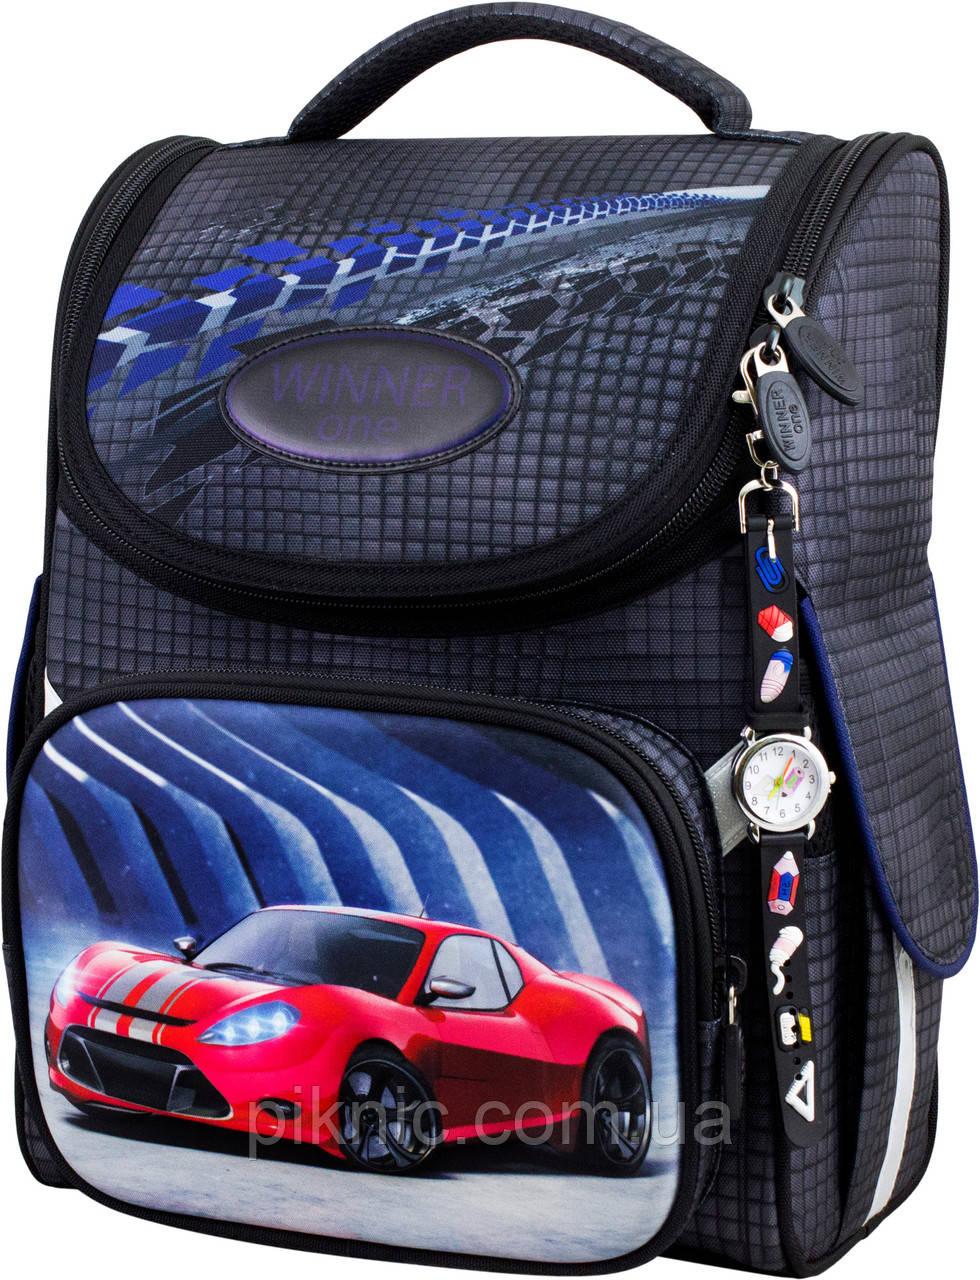 Ранец школьный для мальчиков Winner One 2051 Рюкзак портфель каркасный 1 класс